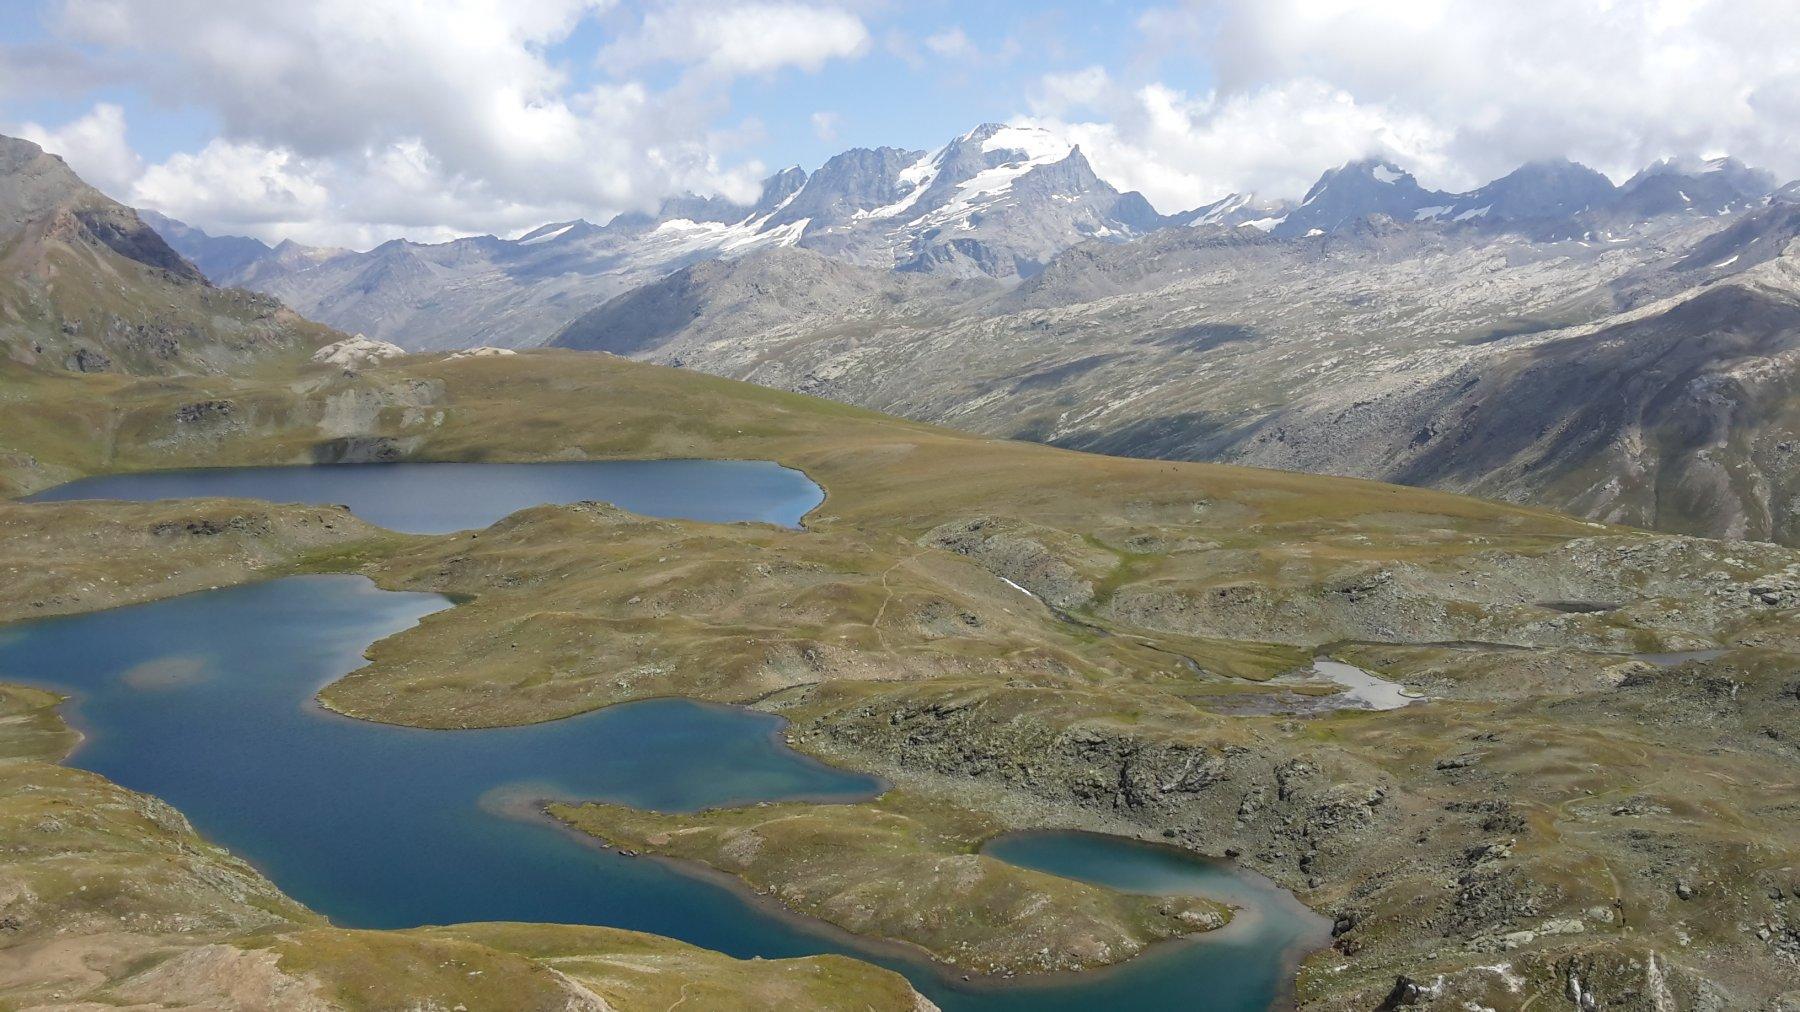 laghi Leità, Rosset e GranPa